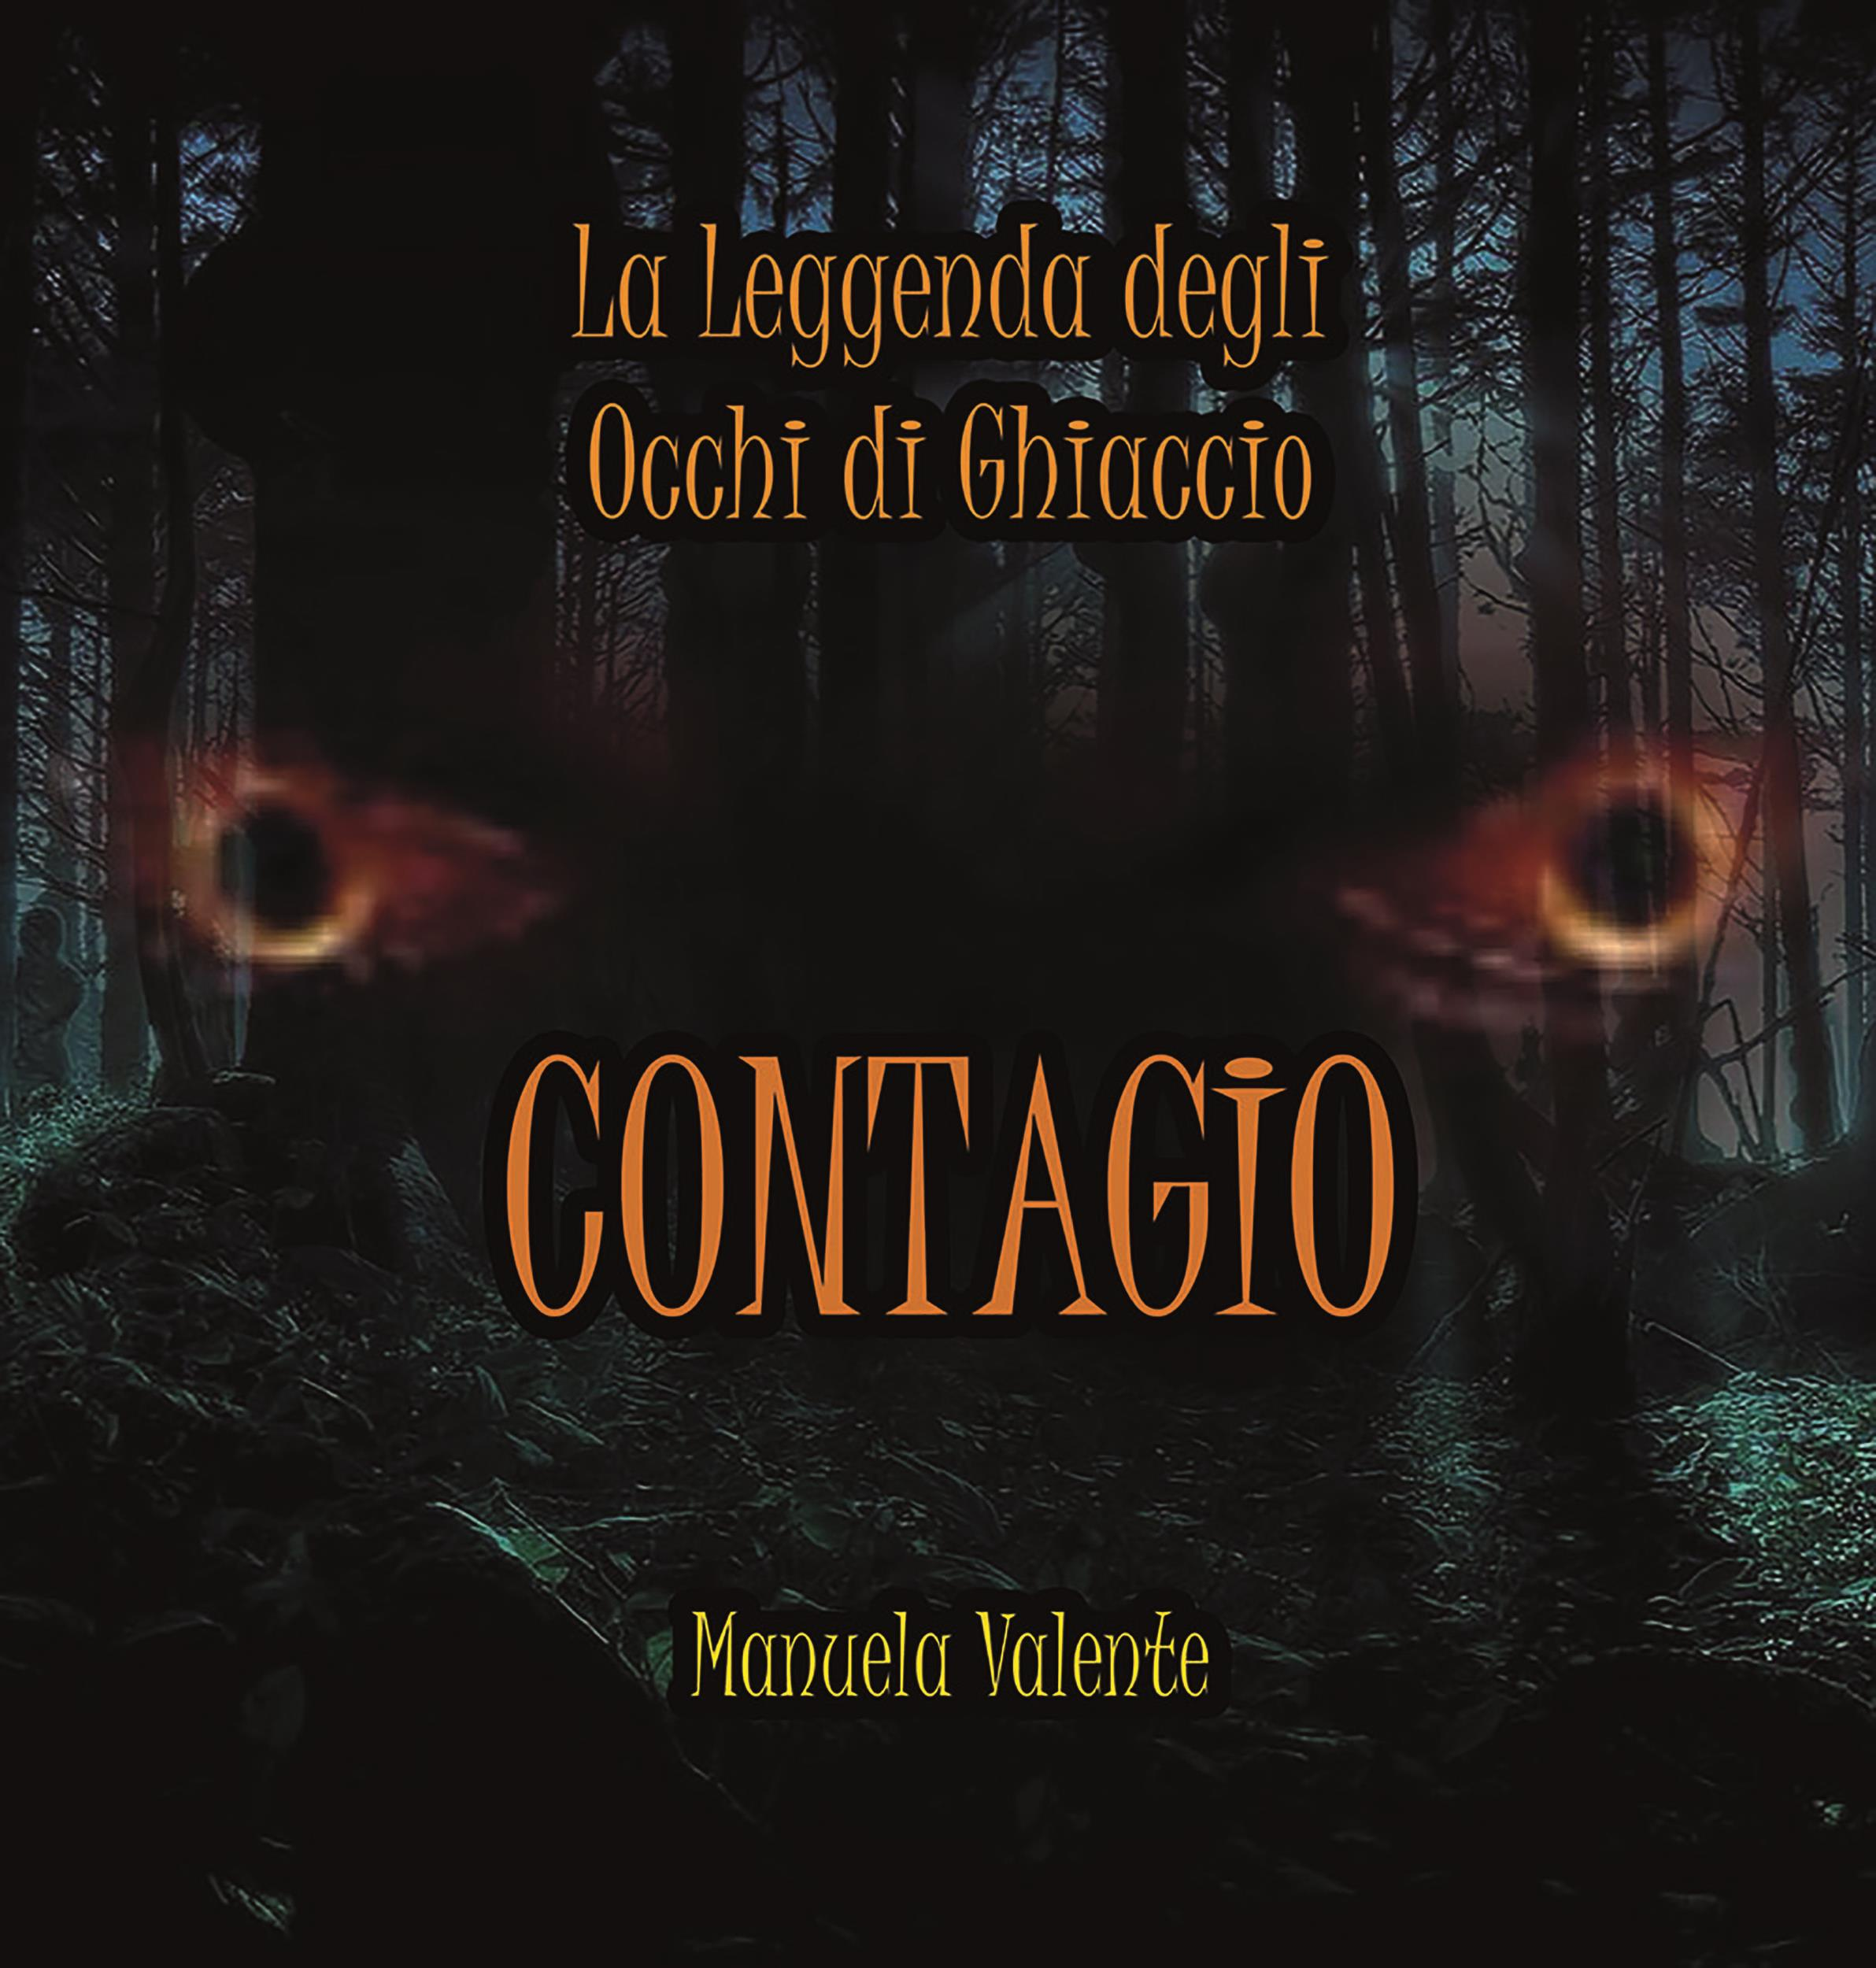 Contagio - La leggenda degli occhi di ghiaccio